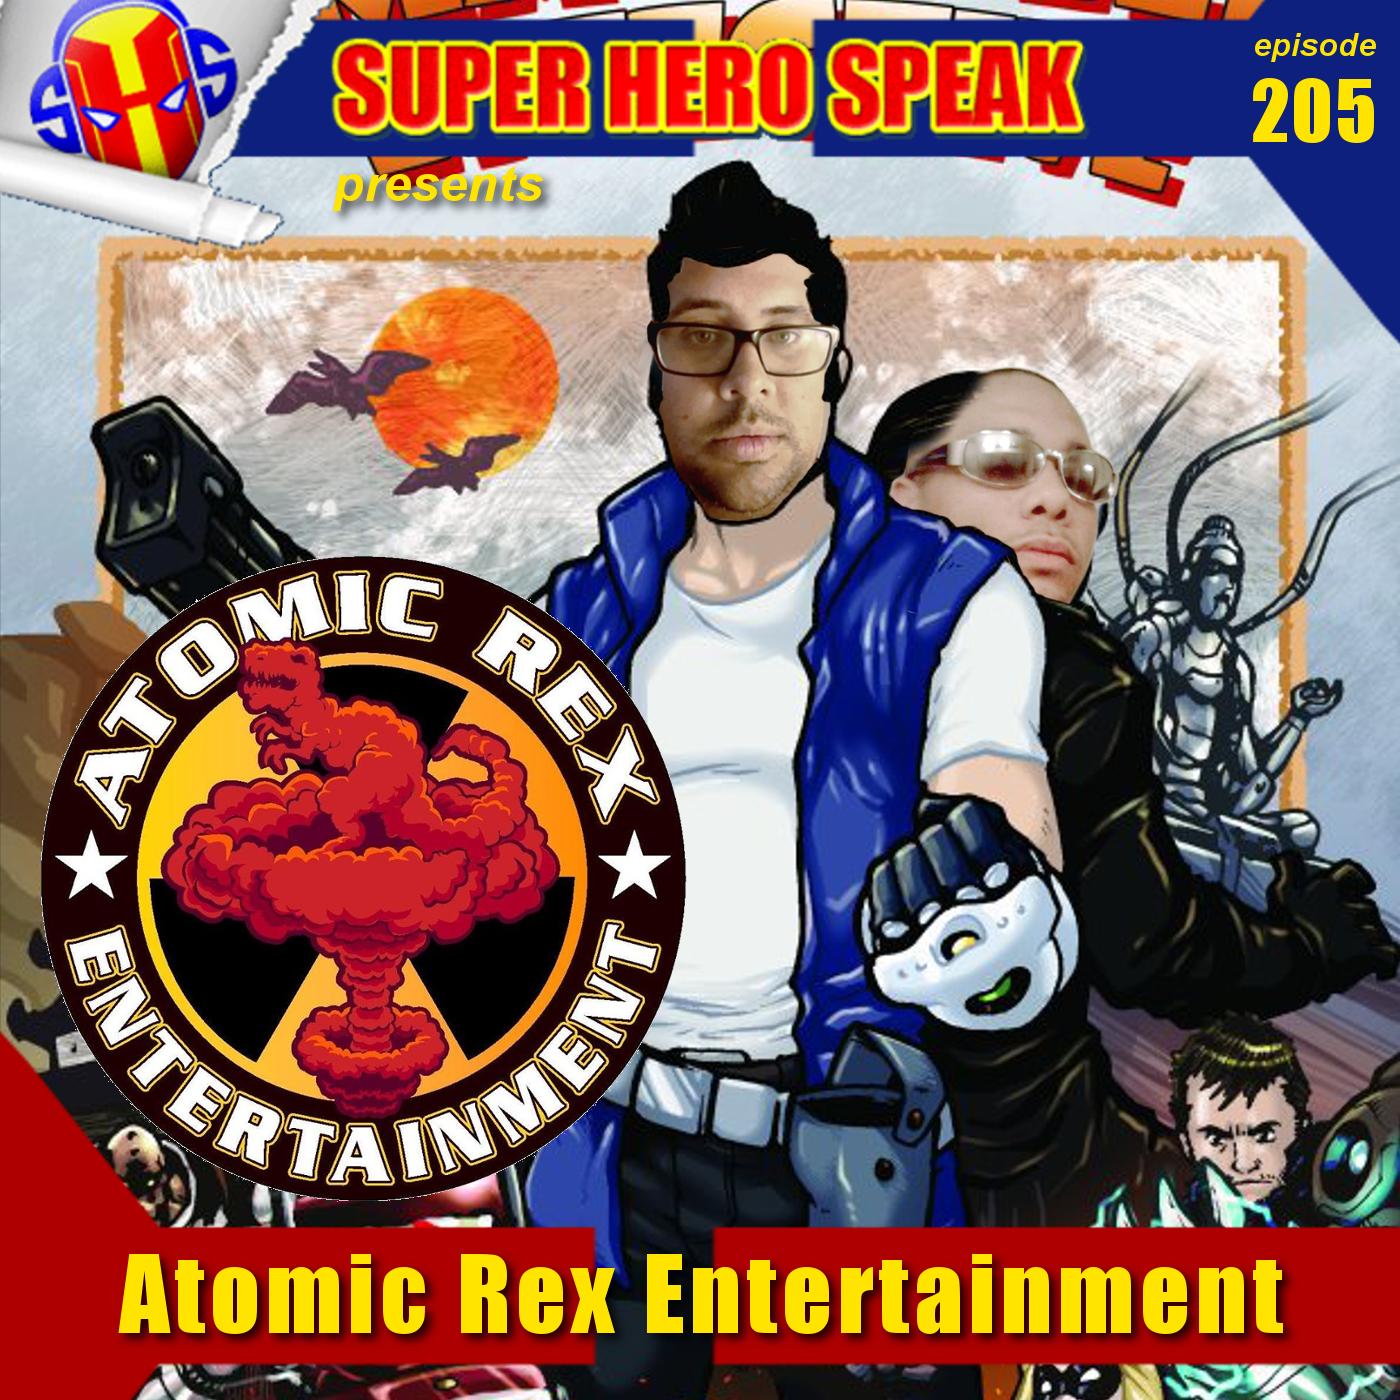 #205: Atomic Rex Entertainment